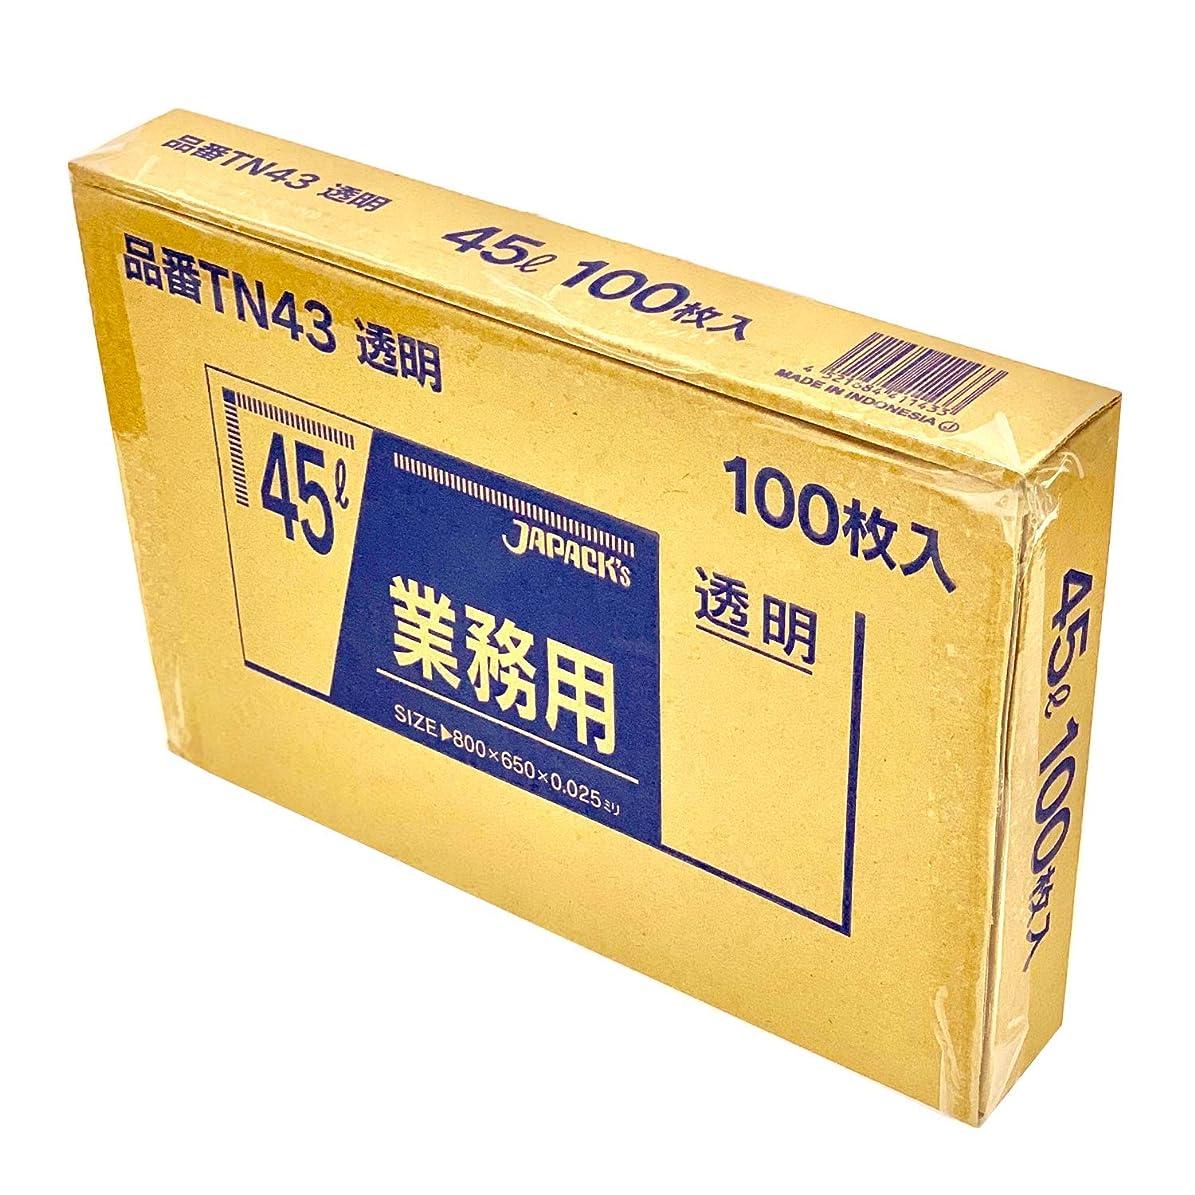 ムスタチオそこ優先ジャパックス ゴミ袋 透明 45L 横65×縦80cm 厚み0.025mm BOX シリーズ 1枚ずつ 取り出せる ポリ袋 TN-43 100枚入